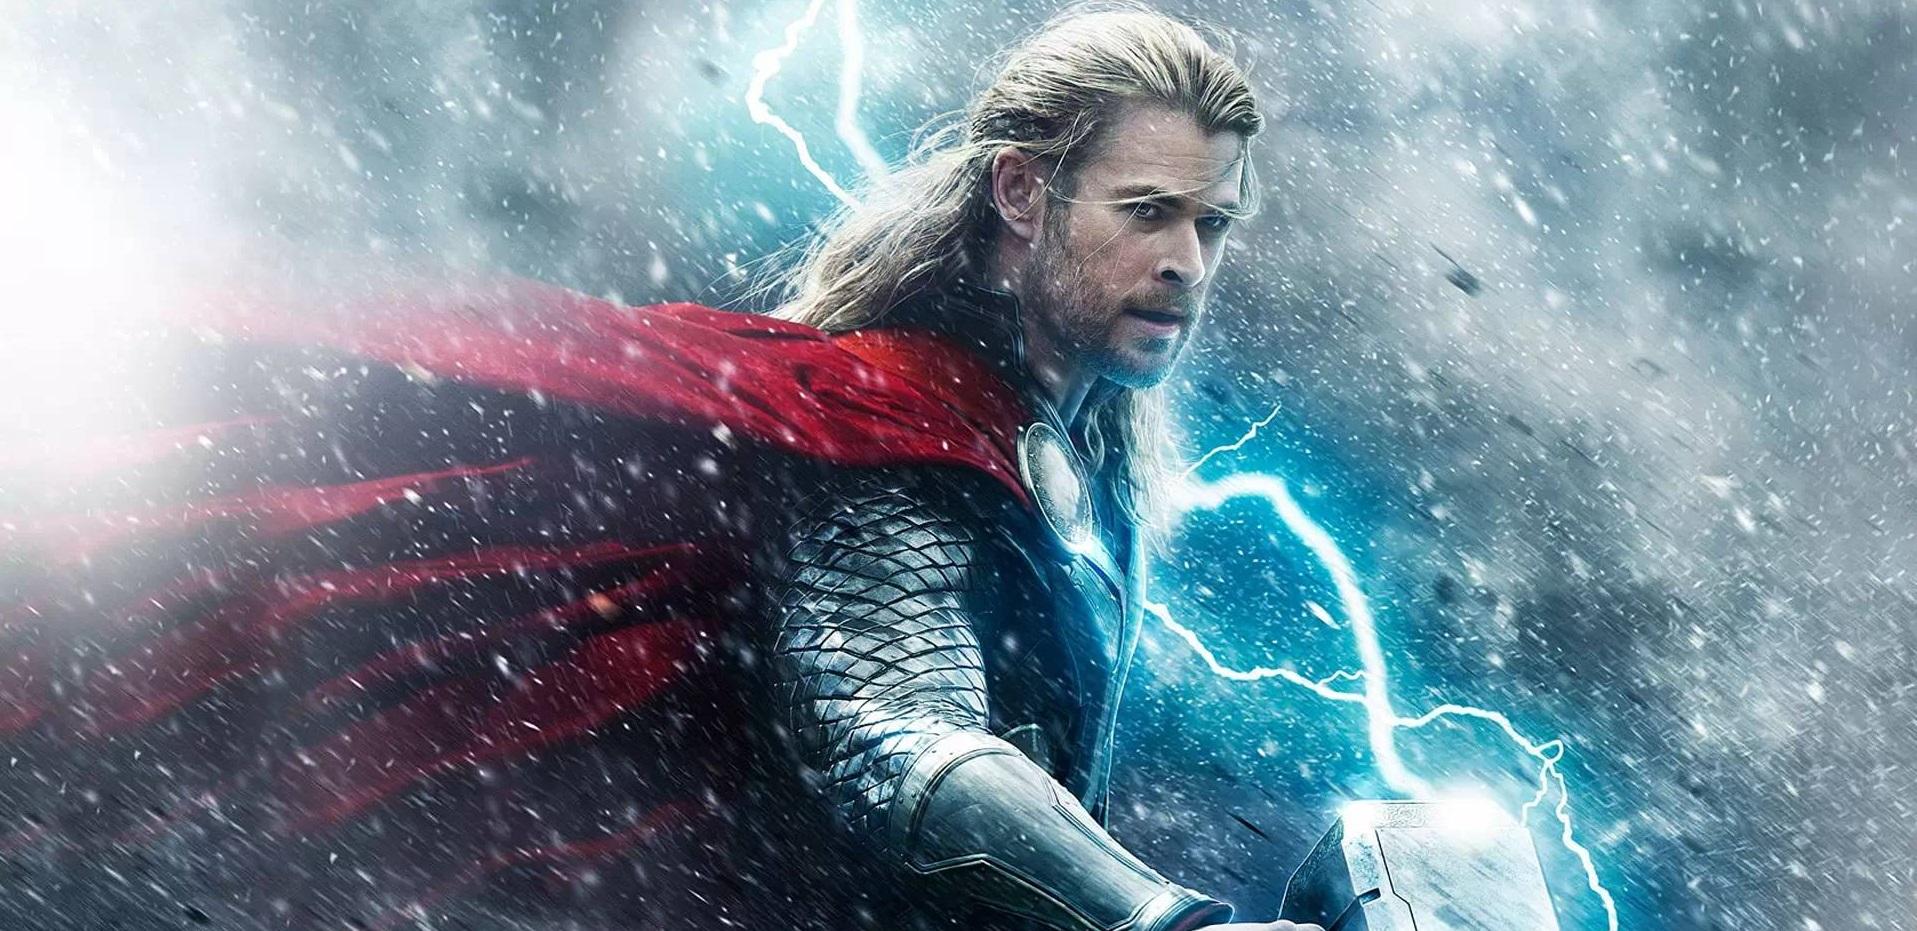 Thor trong Ragnarok sẽ là phiên bản hài hước nhất của Thần Sấm từ trước tới giờ